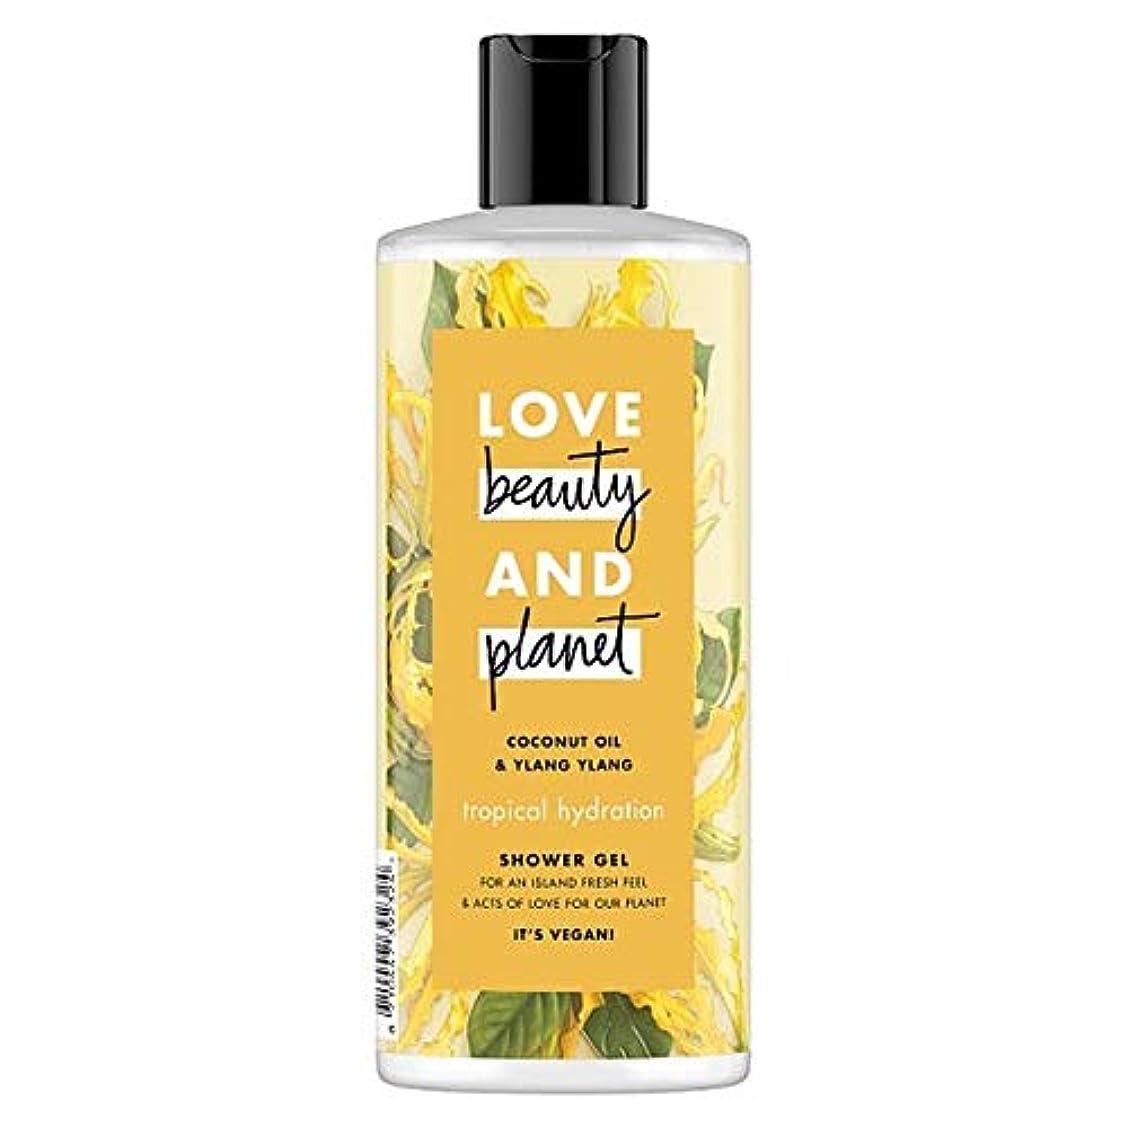 初心者ワーディアンケース暗唱する[Dove ] 美しさと惑星イランのシャワージェル500ミリリットルを愛します - Love Beauty And Planet Ylang Shower Gel 500Ml [並行輸入品]